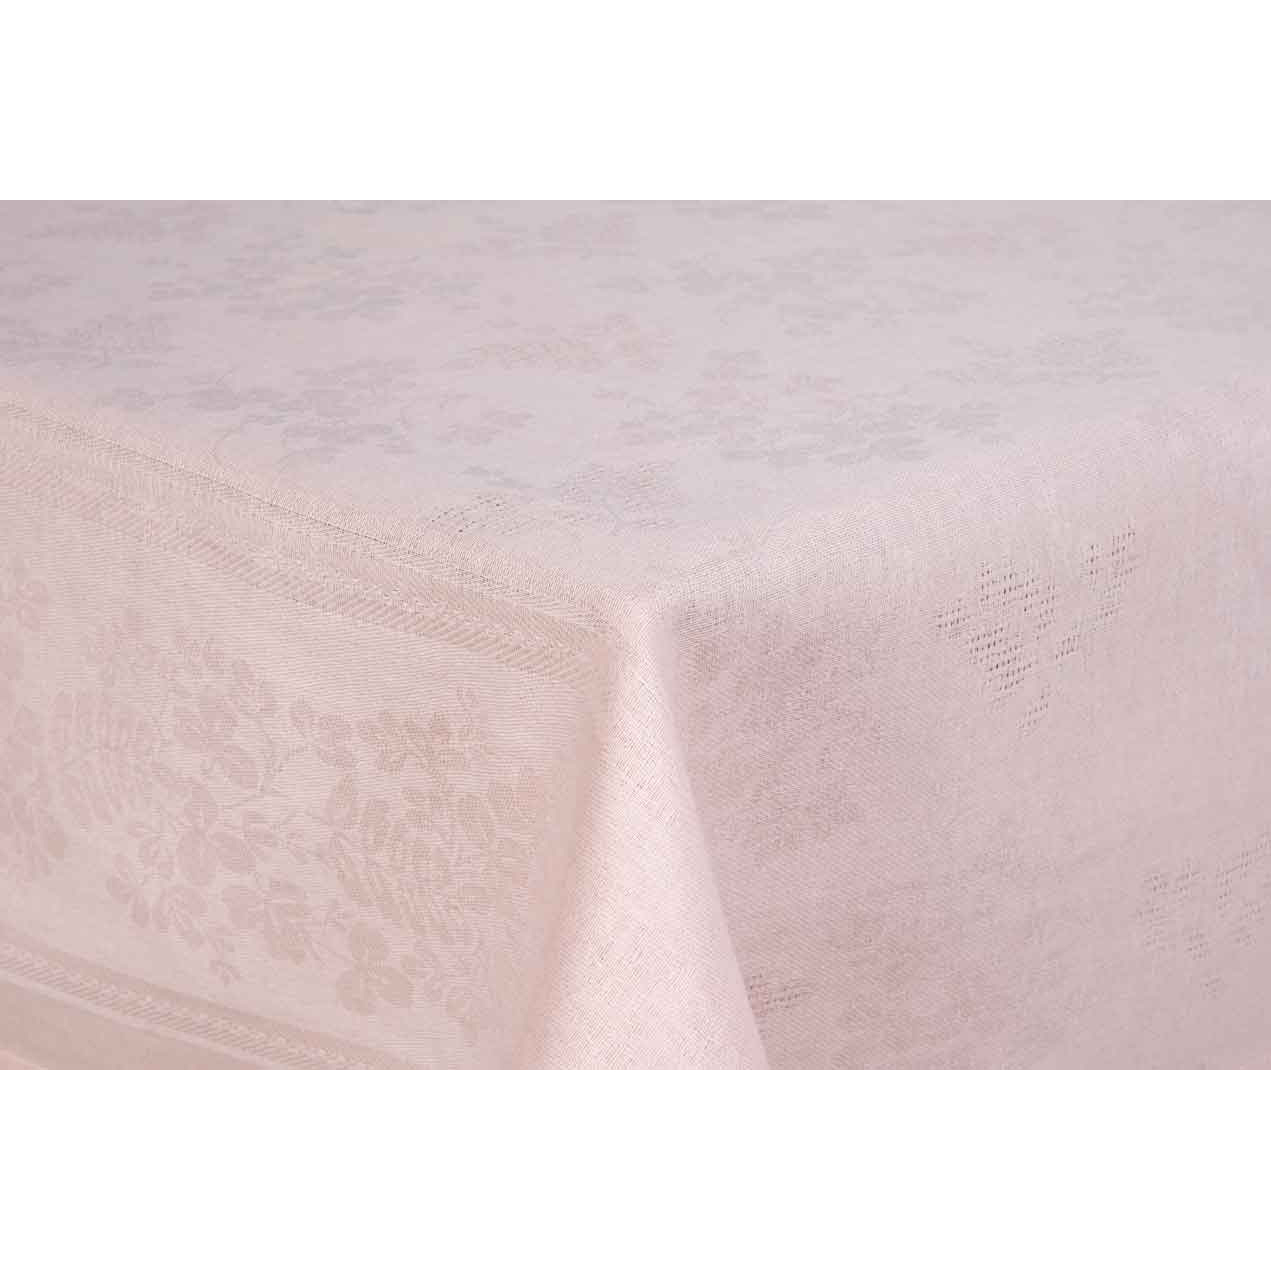 Скатерть Rainbow Кремовый, размер 145х145 смКухонные принадлежности<br><br><br>Тип: Кухонные принадлежности<br>Размер: 145х145<br>Материал: Хлопок